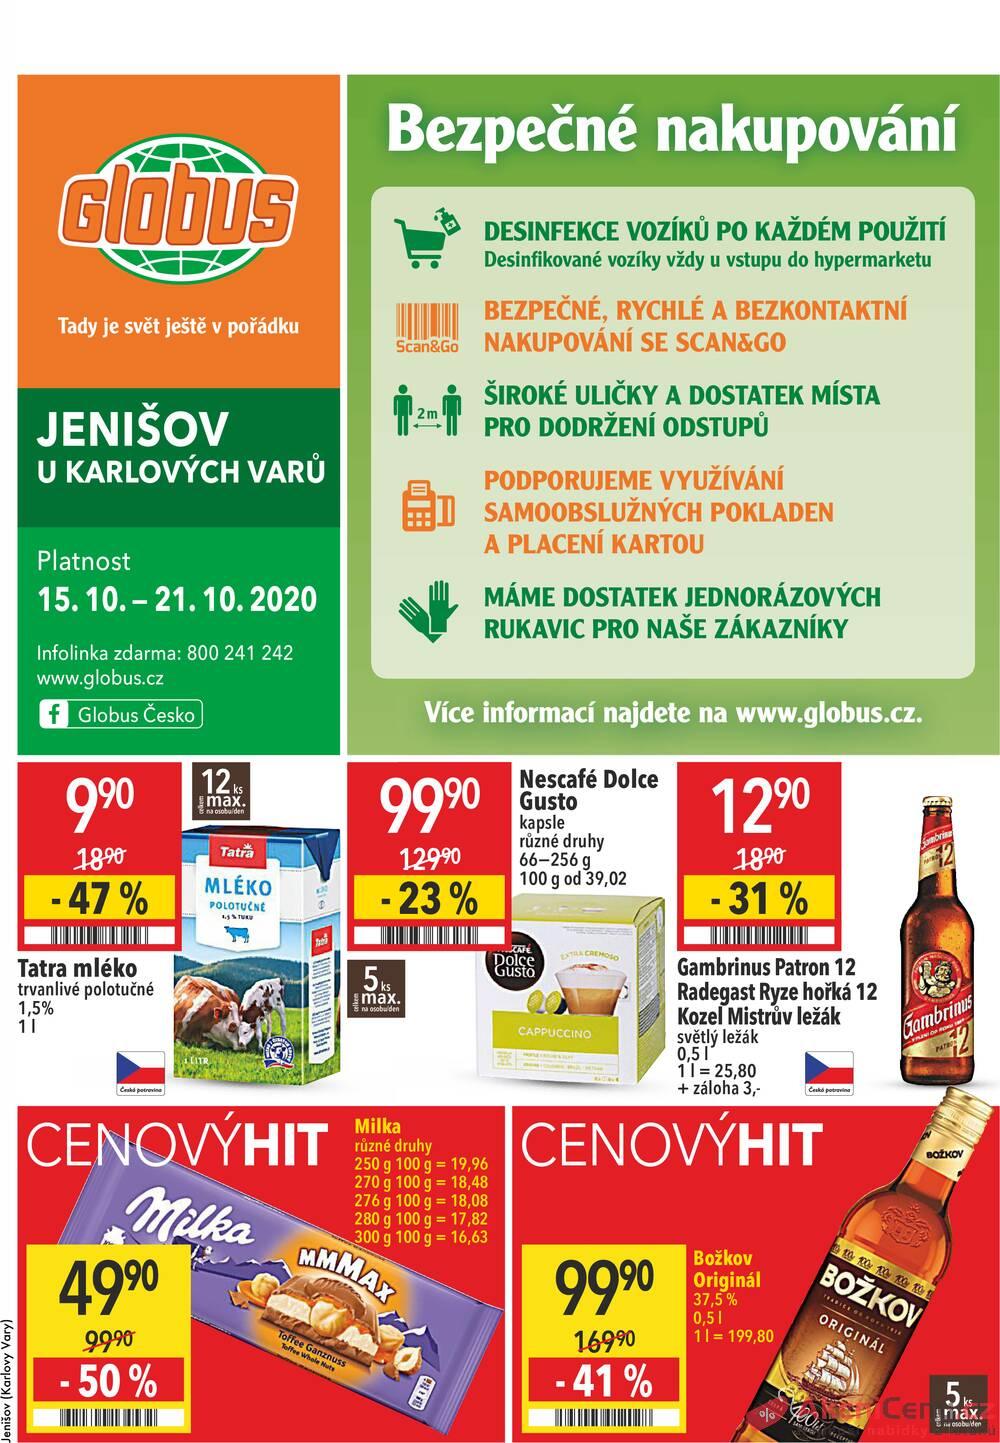 Leták Globus - Globus Jenišov  15.10. - 21.10. - strana 1